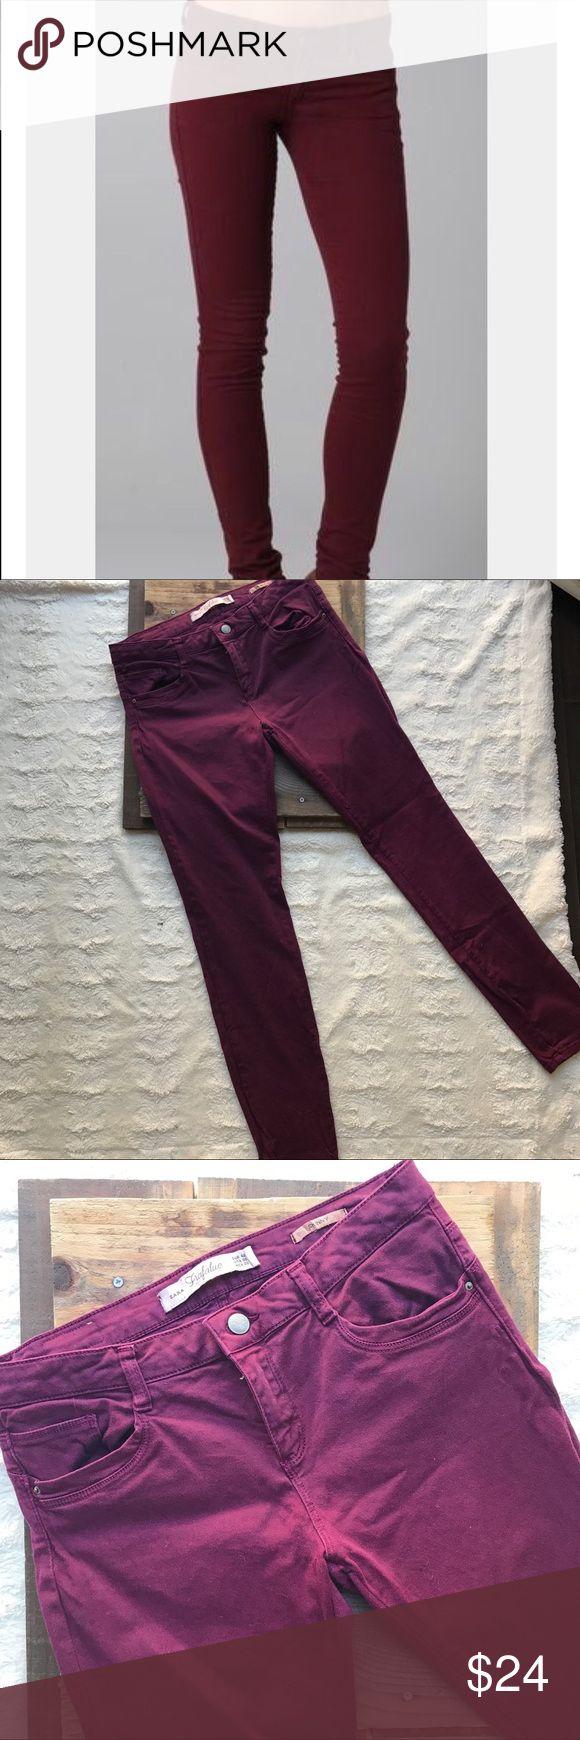 Zara Trafaluc Burgundy Skinny Jeans Zara Trafaluc Burgundy Skinny Jeans  • Size 8 • Burgundy color (most true to color is 2nd pic) • Great statement pant • Zipper fly, 5 pockets Zara Jeans Skinny